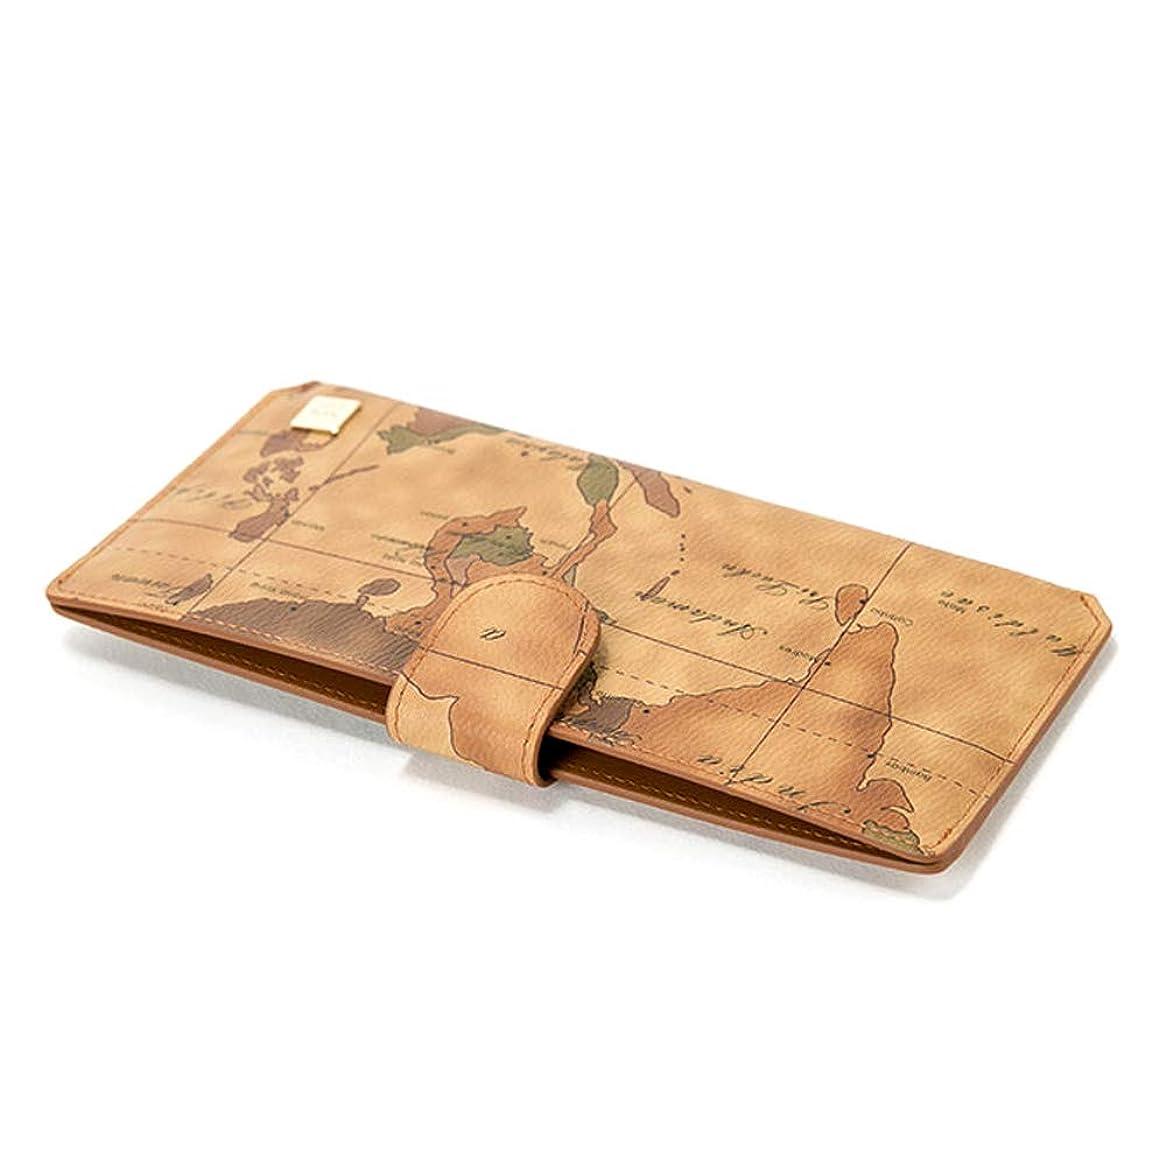 ブルゴーニュねばねばマガジンPRIMA CLASSE(プリマクラッセ) PSW7-2126 シンプルなスリム長財布 (ブラウン)